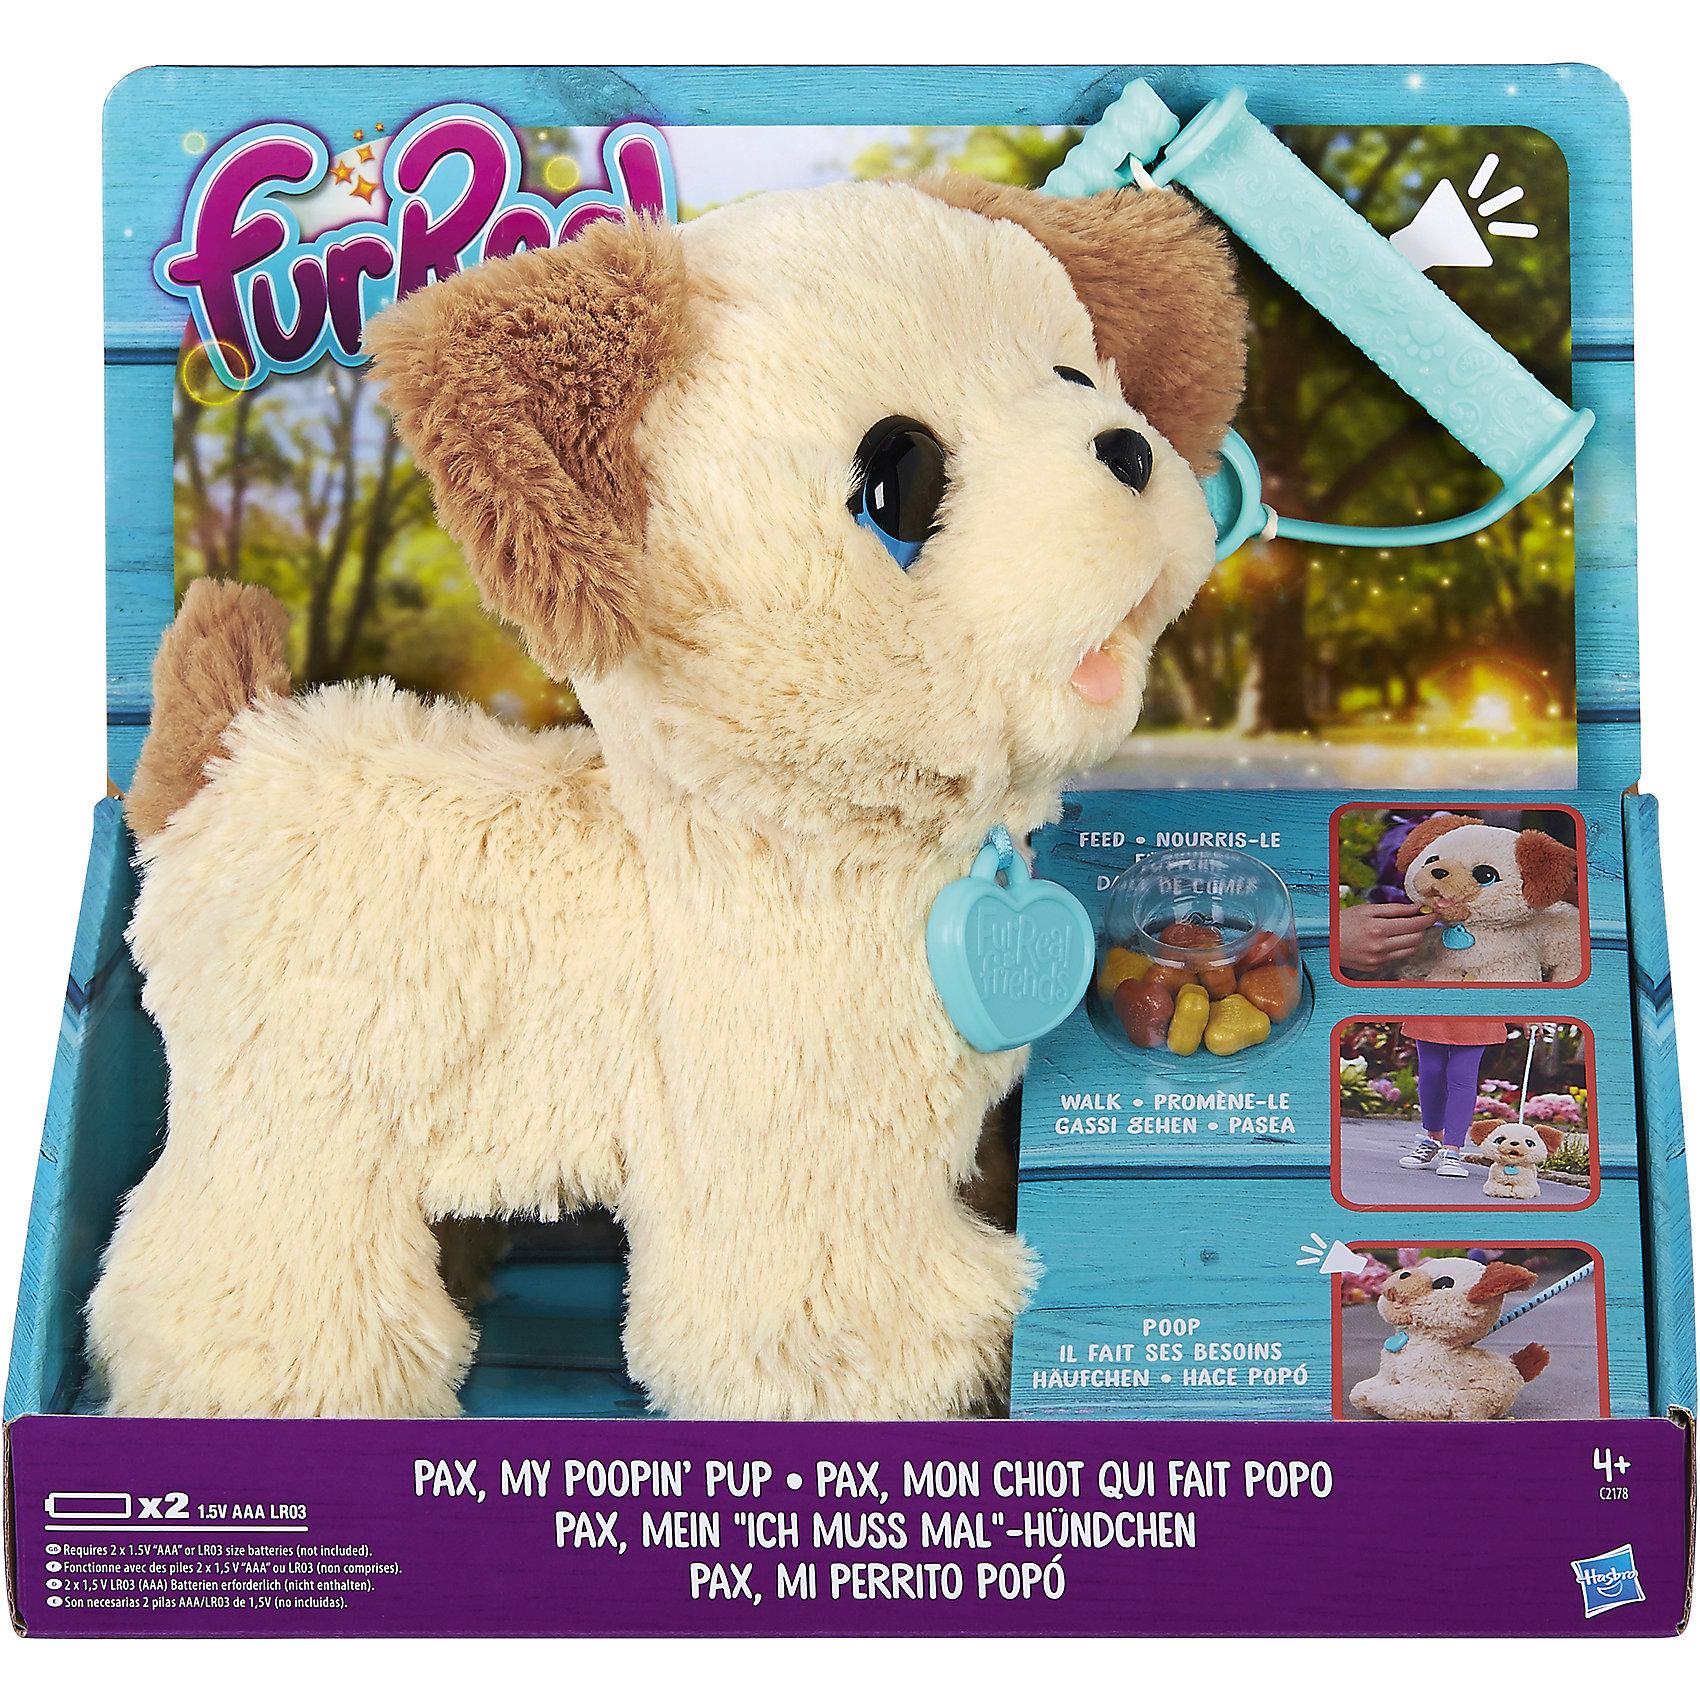 Интерактивная игрушка Веселый щенок Пакс, FurReal FriendsМягкие игрушки животные<br>Интерактивная игрушка Веселый щенок Пакс, FurReal Friends<br><br>Характеристики:<br><br>- в набор входит: щенок, поводок, лакомство, пакетик. <br>- состав: пластик, плюш<br>- элементы питания: 2 батарейки типа ААА<br>- размер упаковки: 24*13*27 см.<br>- для детей в возрасте: от 4 до 12 лет<br>- Страна производитель: Китай<br><br>Знаменитый Веселый щенок Пакс, из серии FurReal Friends от известного американского бренда товаров для детей Hasbro (Хасбро) приведет каждого ребенка в восторг! Бежево-коричневый щенок понравится как девочкам, так и мальчикам. У щенка Пакса необычные выразительные голубые глазки, которые умиляют и привлекают внимание. Щенок покрыт пушистым плюшевым мехом и на ощупь напоминает мягкую игрушку. Щенок умеет кушать лакомство из набора и ходить в туалет.<br><br>В набор входит раскладной пластиковый поводок для настольной и напольной игры, лакомство и пакетик для уборки за щенком. Набор поможет научить детей ответственности и покажет как нужно убирать за собакой. Игра с щенком принесет много радости и веселья, реалистичный дизайн и функции щенка сделают его любимой игрушкой надолго. Отправляйтесь на прогулку вместе со щенком Паксом! <br><br>Интерактивную игрушку Веселый щенок Пакс, FurReal Friends можно купить в нашем интернет-магазине.<br><br>Ширина мм: 133<br>Глубина мм: 267<br>Высота мм: 241<br>Вес г: 599<br>Возраст от месяцев: 48<br>Возраст до месяцев: 120<br>Пол: Женский<br>Возраст: Детский<br>SKU: 5385706